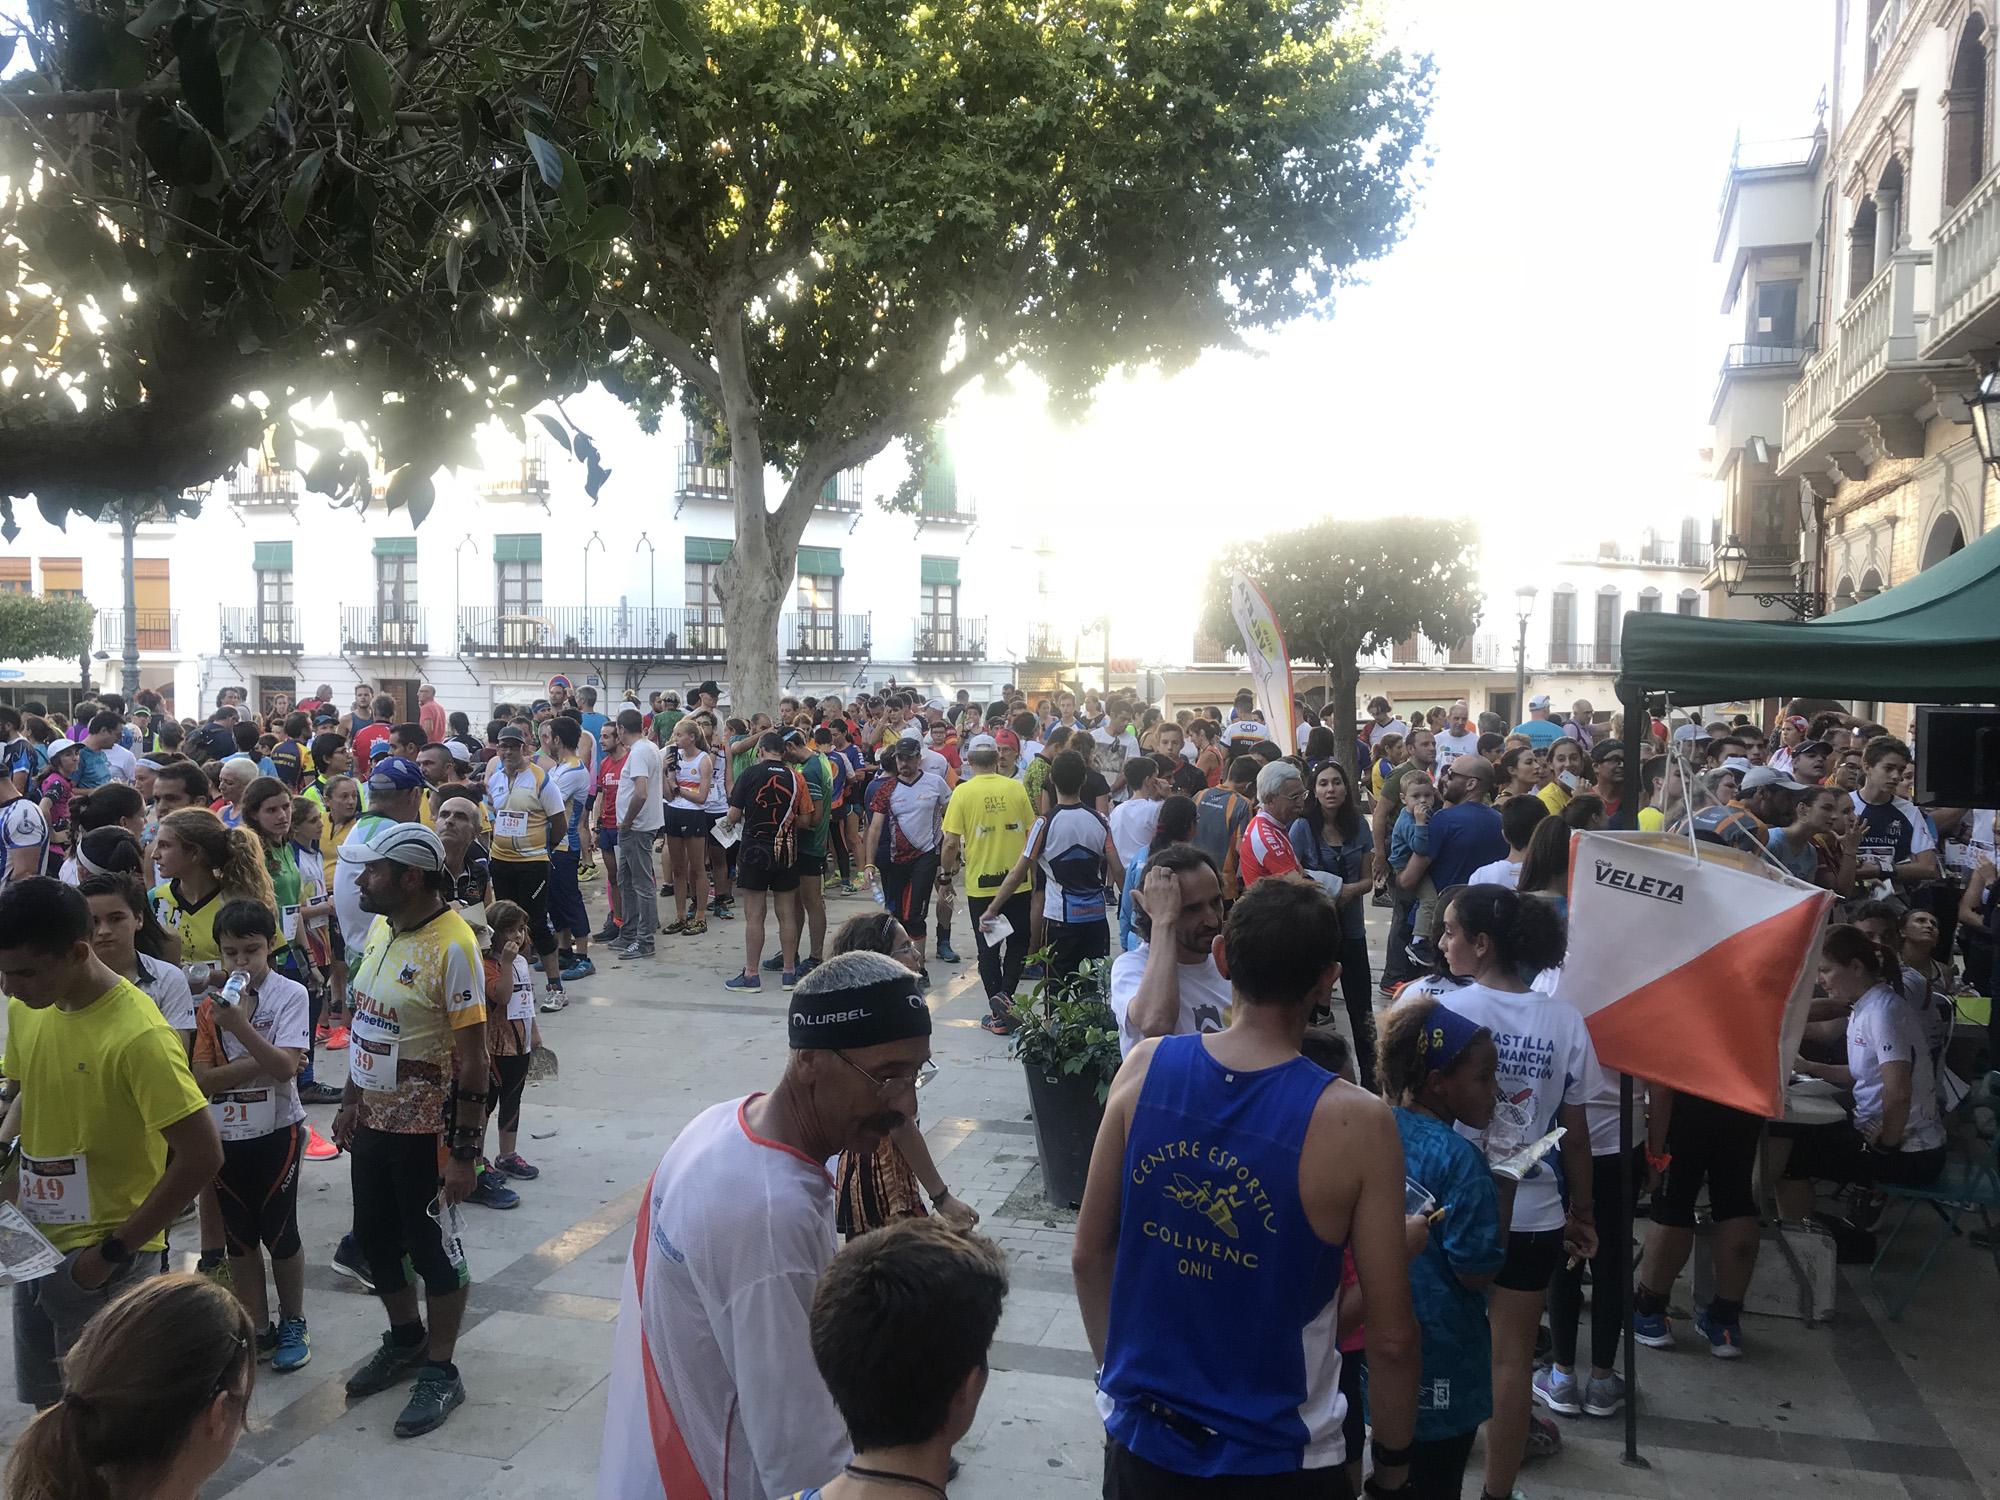 concentración de participantes en la Plaza Mayor Baza